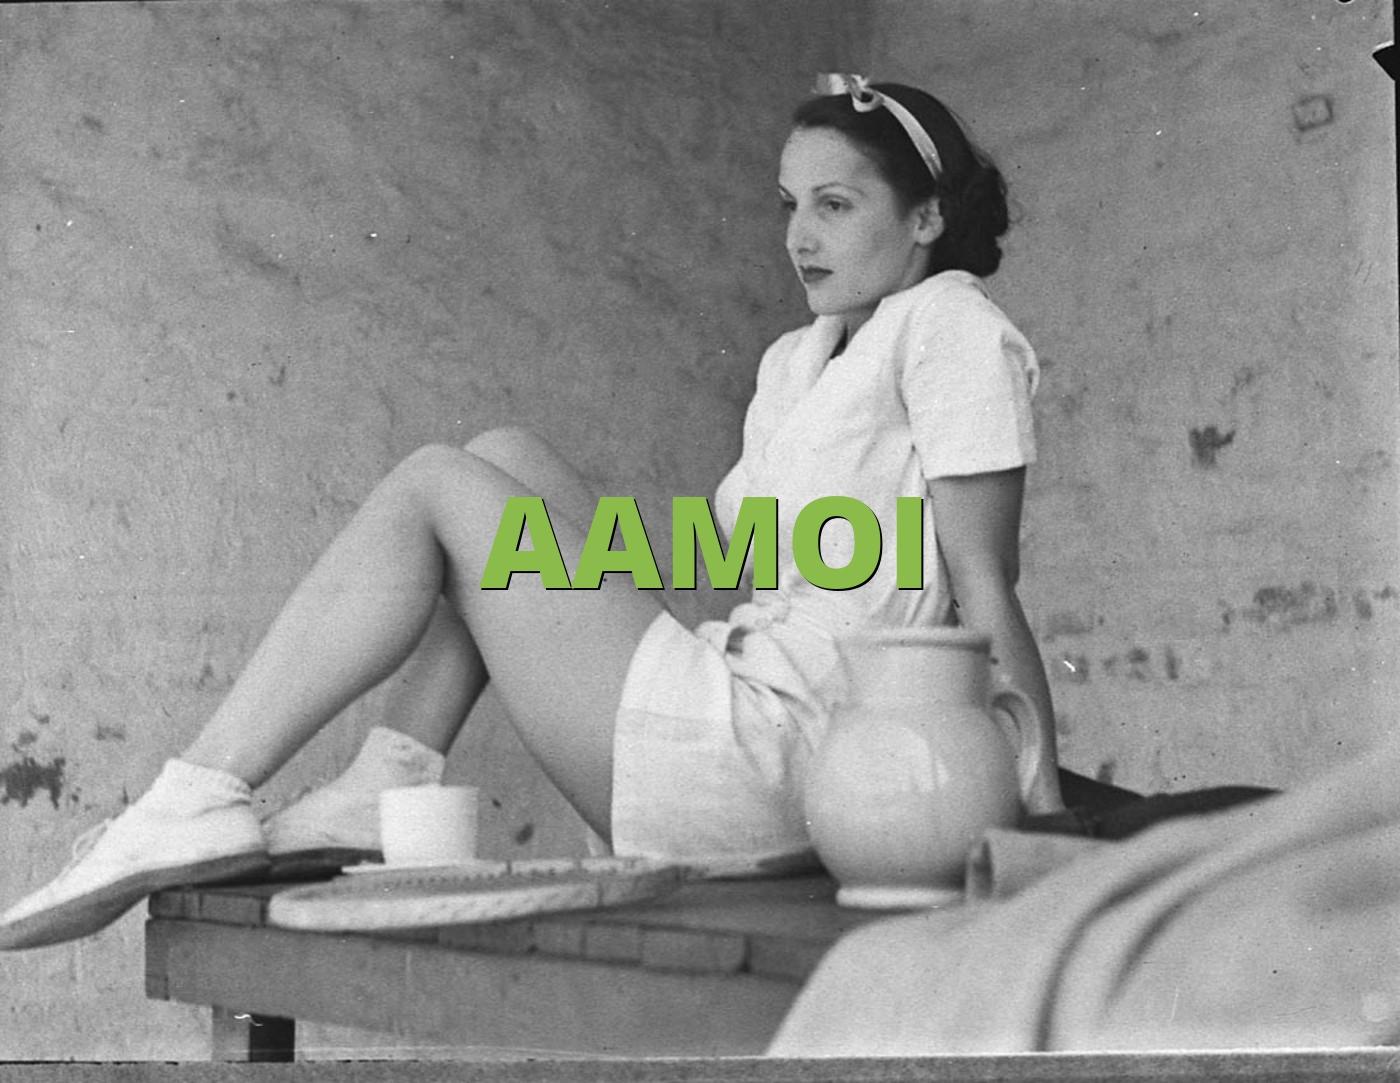 AAMOI